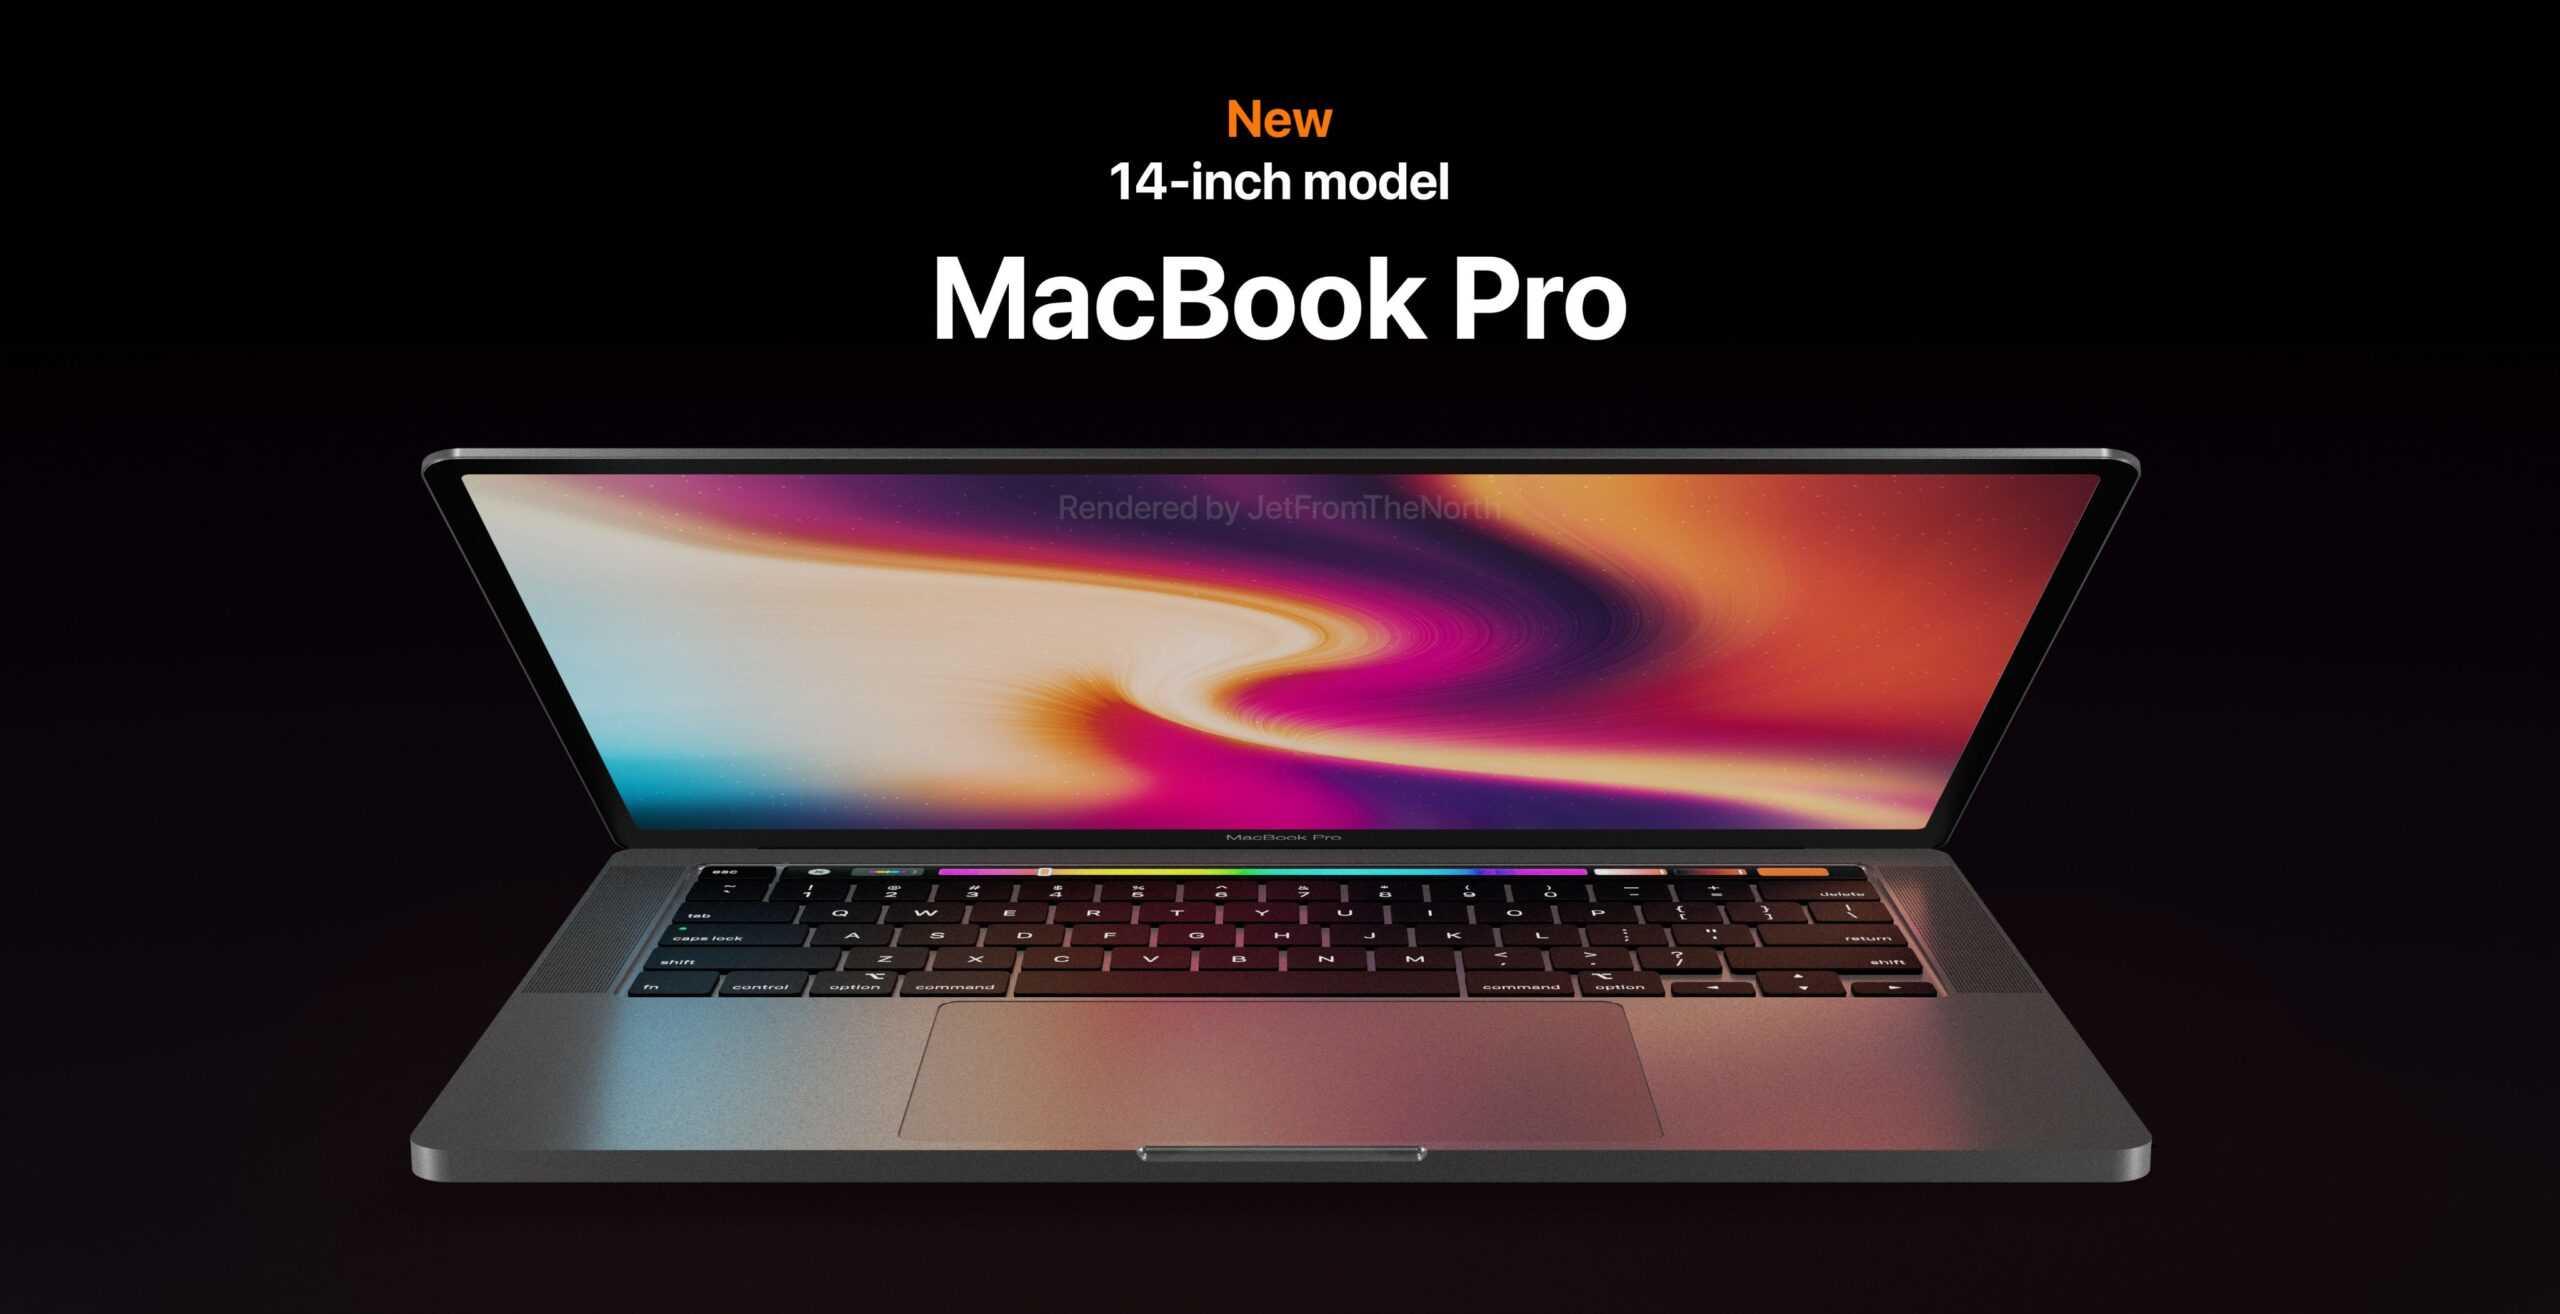 macbookpro2021款几月上市_预计发布时间